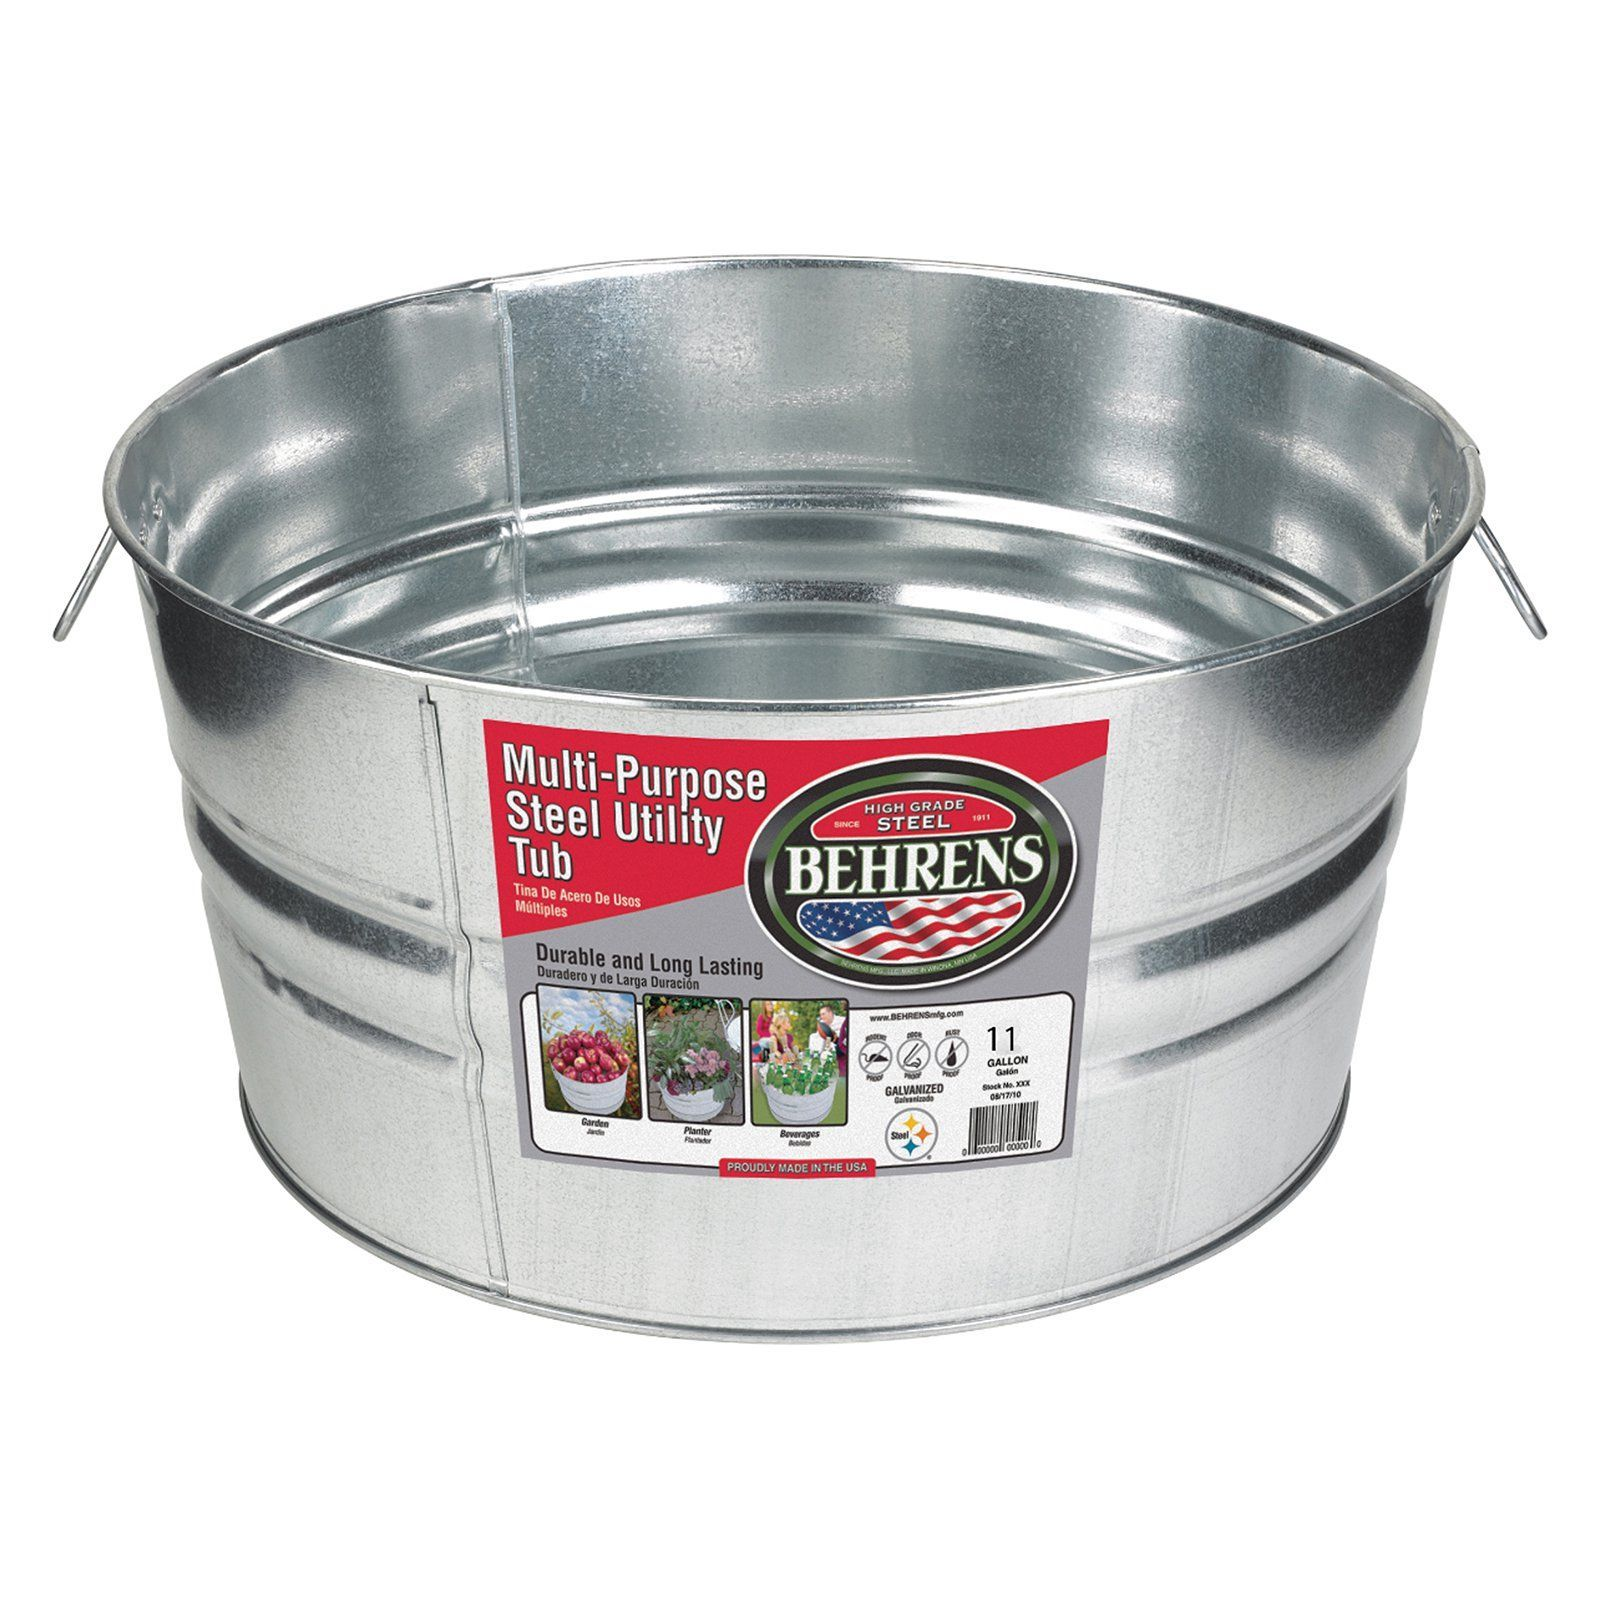 Behrens Galvanized Steel Round Beverage Tub B54 1gsx Steel Tub Galvanized Wash Tub